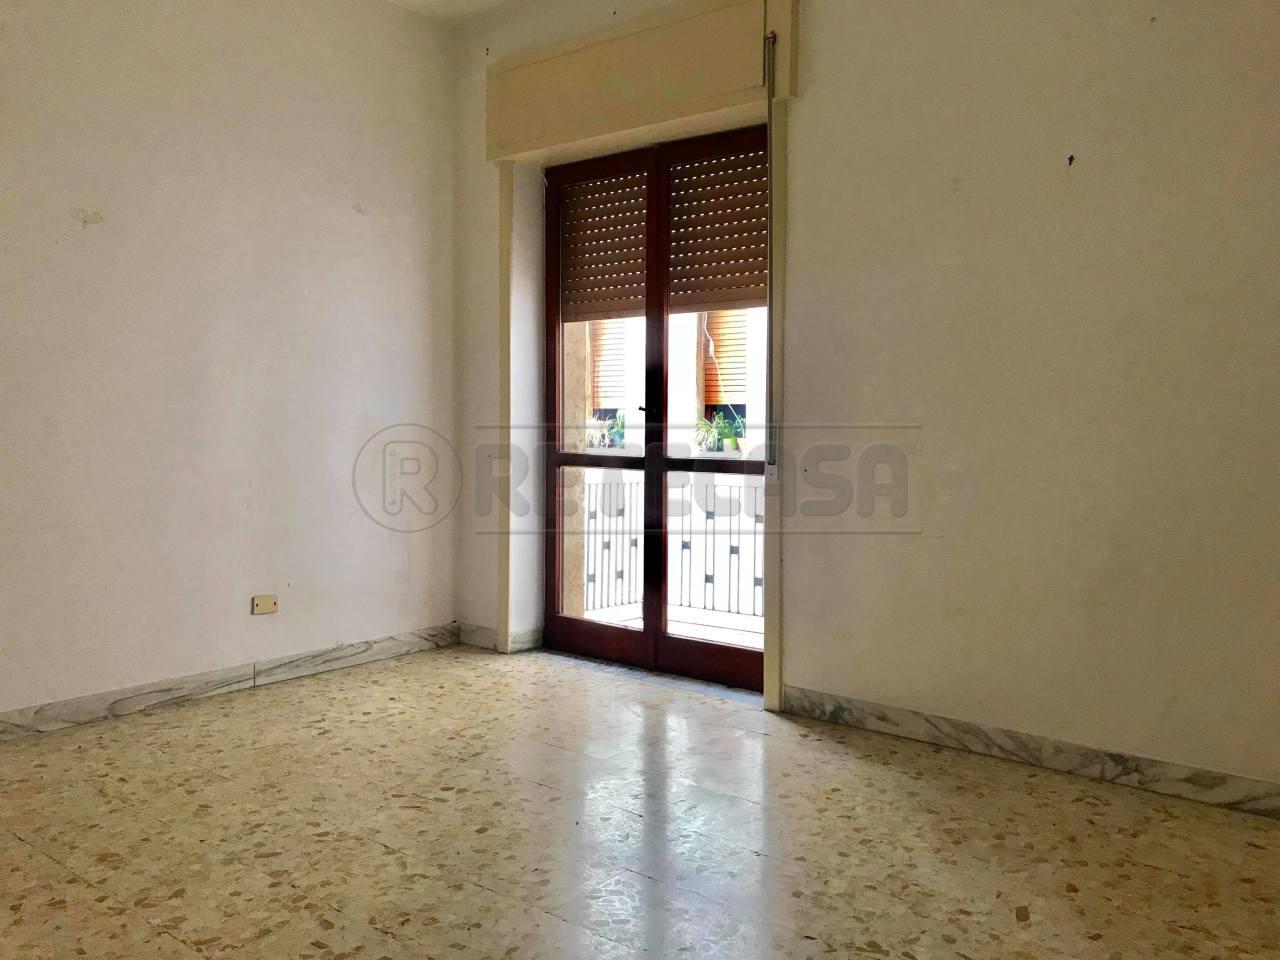 Appartamento a Castel San Giorgio